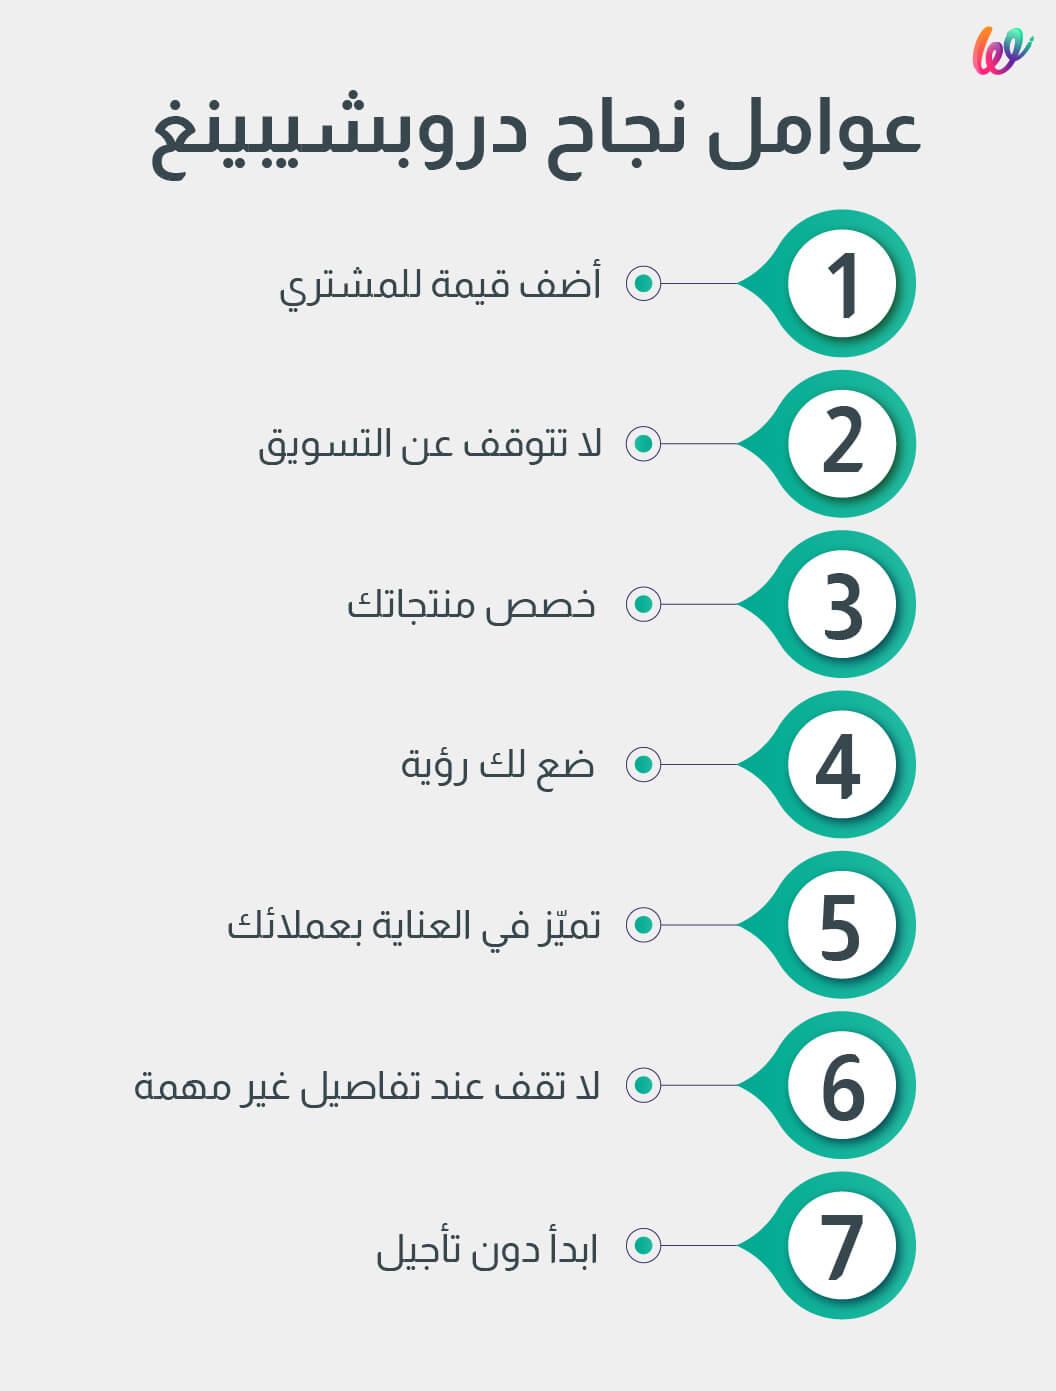 عوامل نجاح دروبشيبينغ